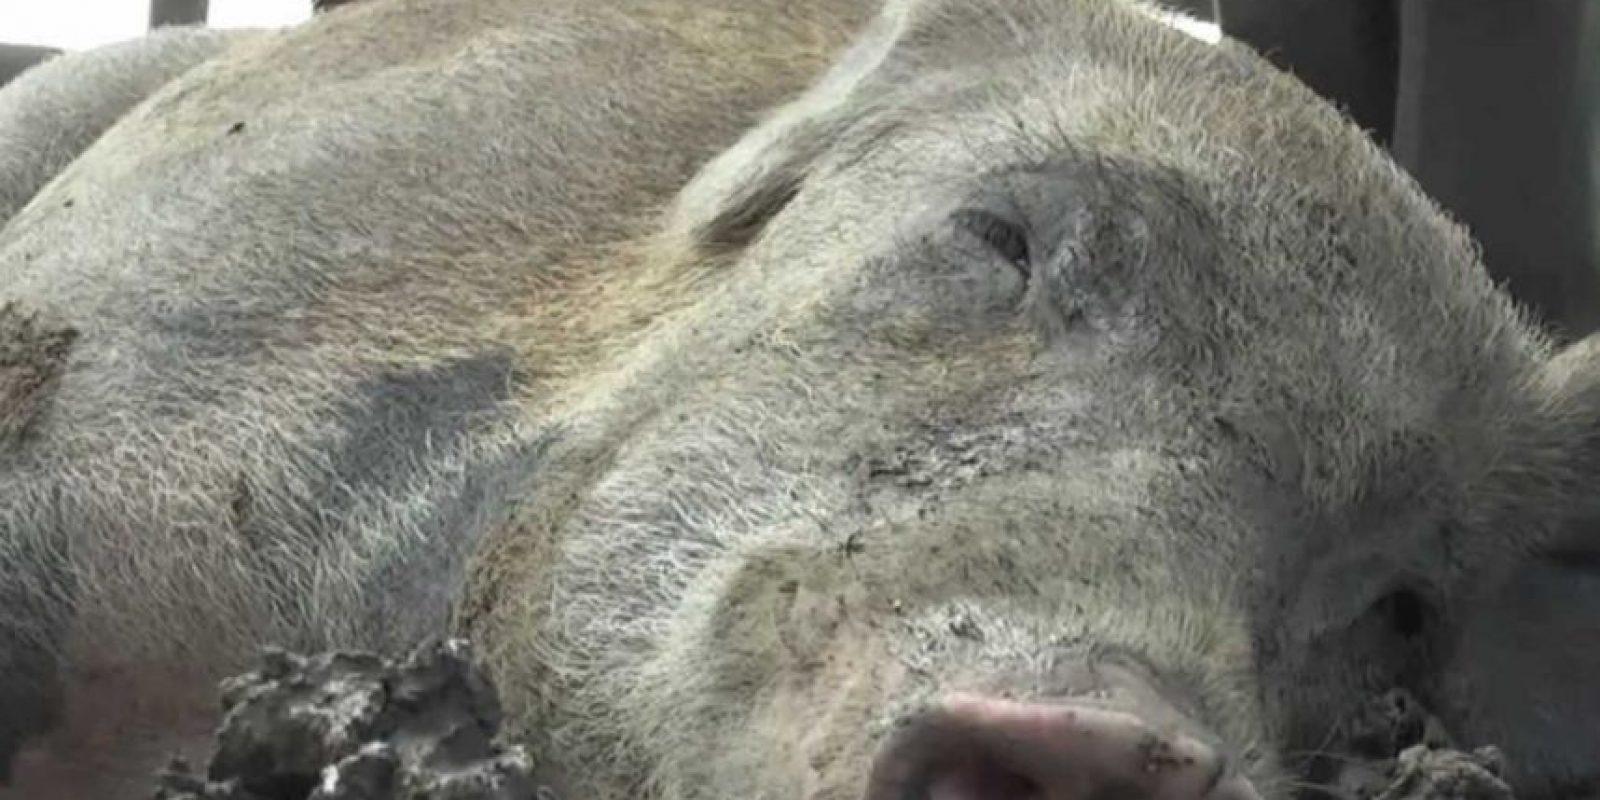 Del cerdo se dice que es el único animal que nunca muere de viejo, debido a que su destino es en muchos casos la matanza. Foto:Wikicommons